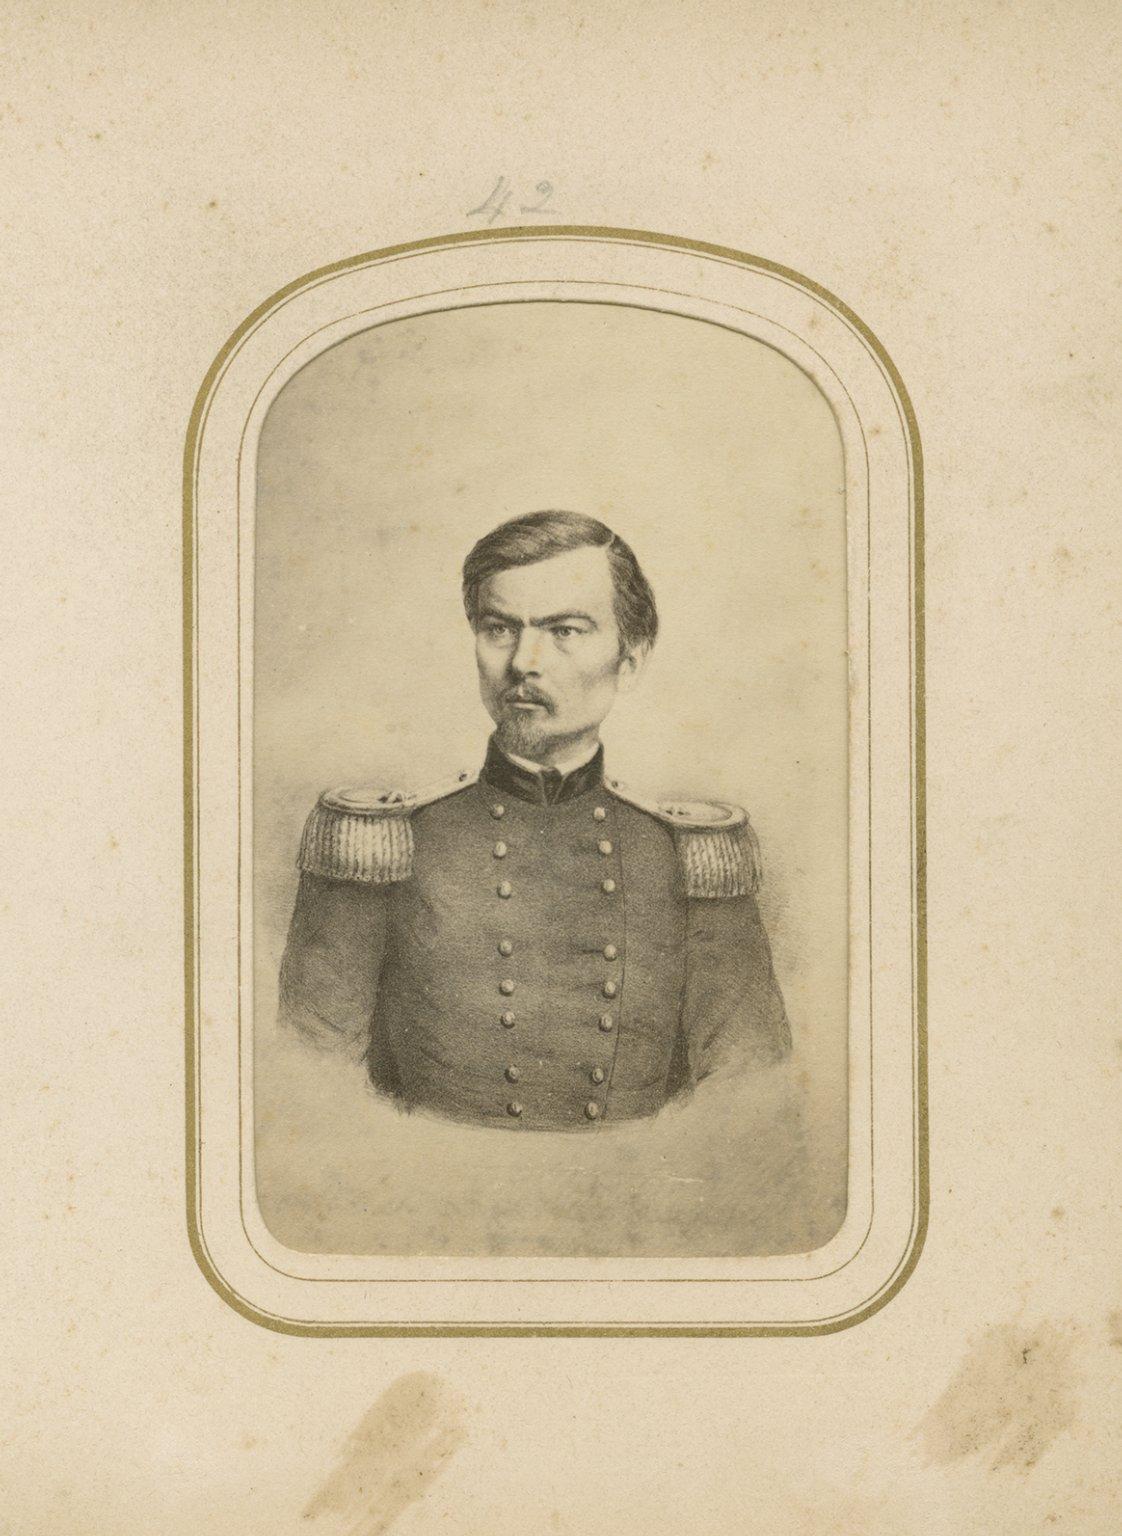 Gen. Franz Sigel